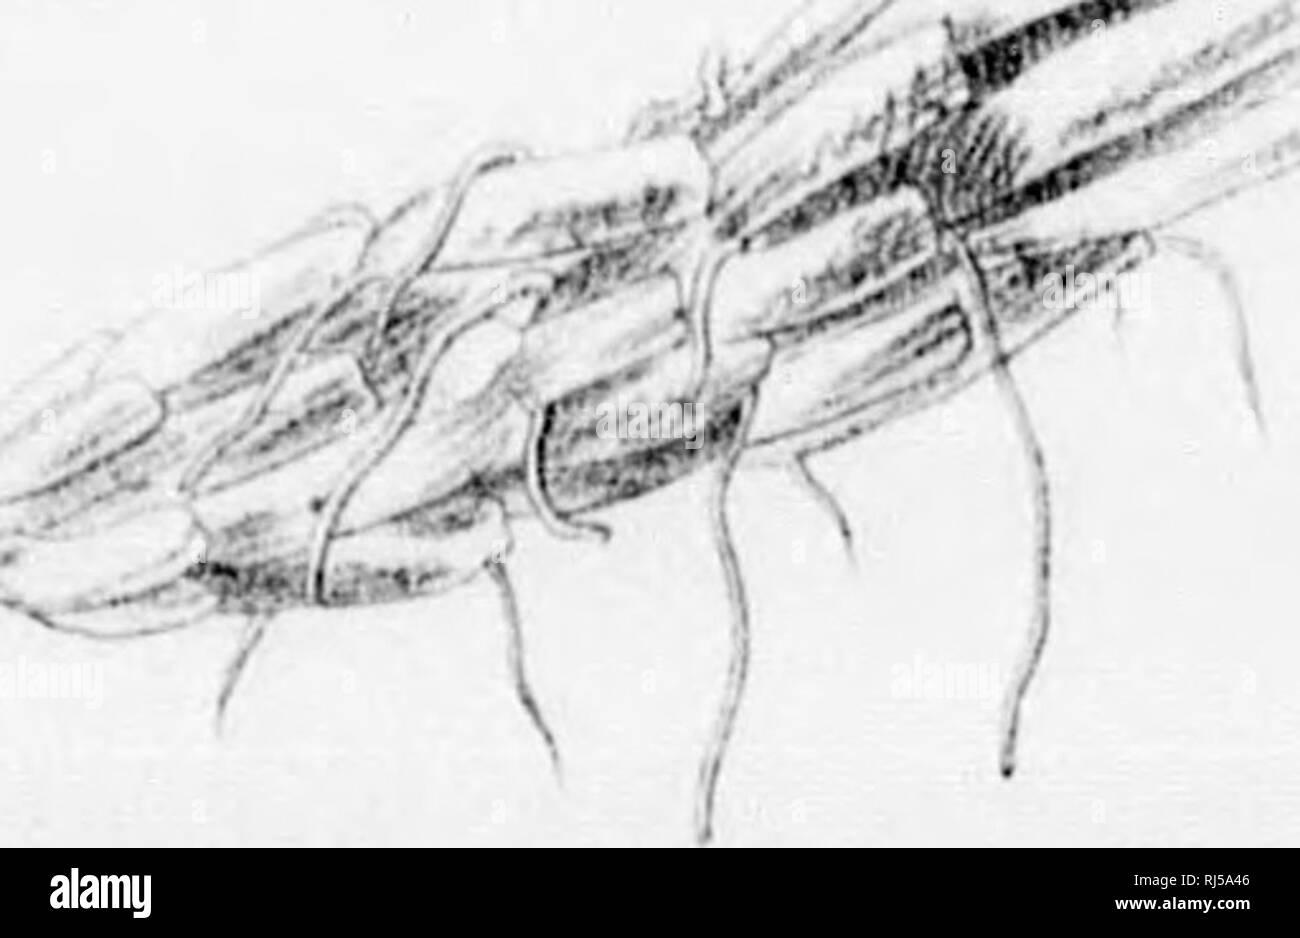 . Le felci dell America del Nord [microformati] : figure colorate e descrizioni, con la sinonimia e della distribuzione geografica delle felci (compreso il ophioglassaceae) degli Stati Uniti d'America e il British North American possedimenti. Felci; Fougères. £^Â¥^^.^^^, >^ 't) â . jS^^- .w'. tlKlIlM- I. Si prega di notare che queste immagini vengono estratte dalla pagina sottoposta a scansione di immagini che possono essere state migliorate digitalmente per la leggibilità - Colorazione e aspetto di queste illustrazioni potrebbero non perfettamente assomigliano al lavoro originale. Eaton, Daniel Cady, 1834-1895. Salem [Messa. ] : S. E. Cassi Foto Stock